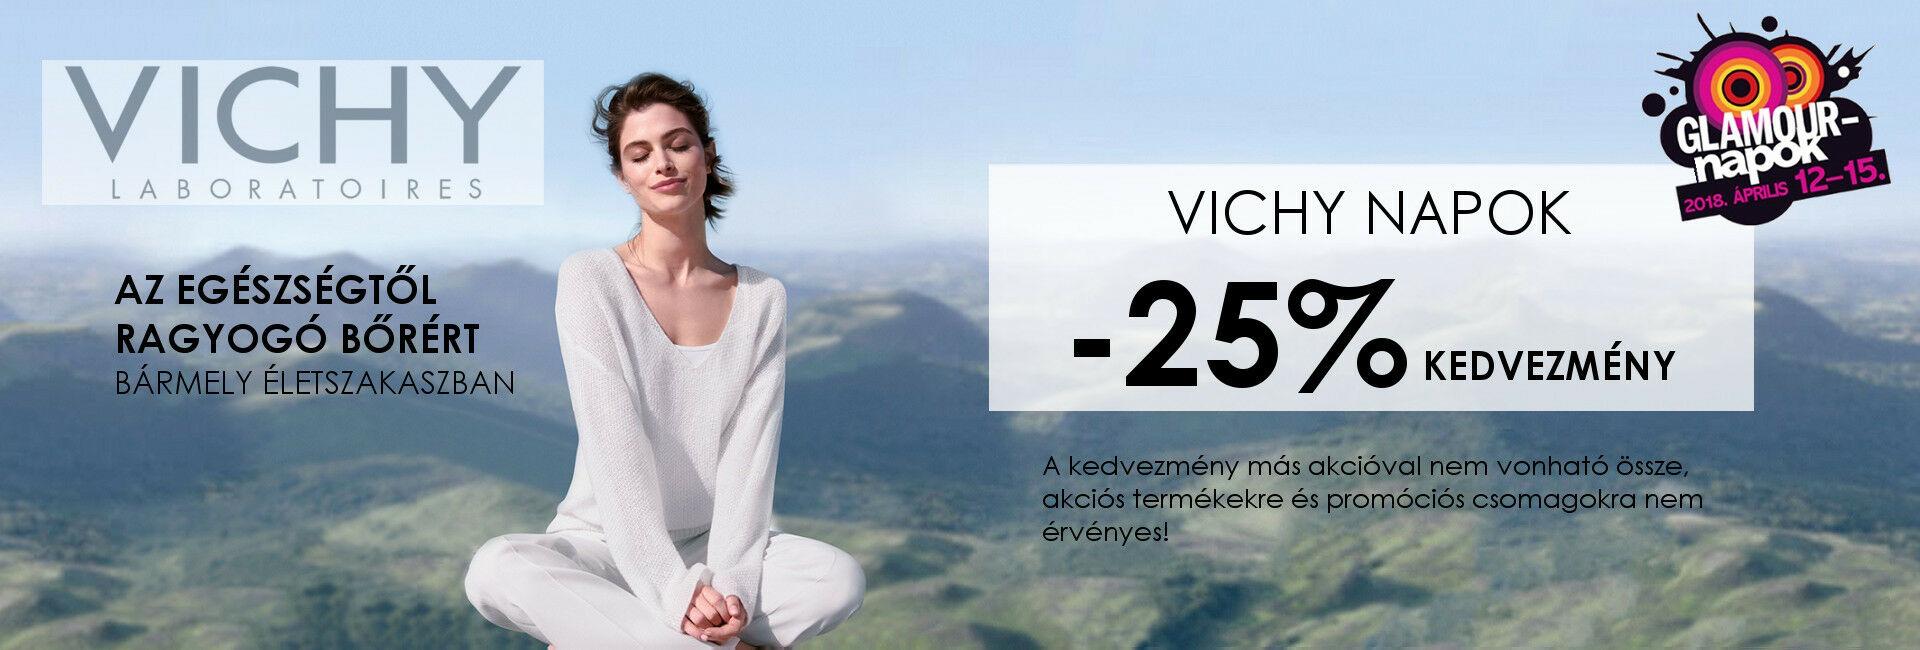 2018. április 12-15. között minden Vichy terméket 25% kedvezménnyel kínálunk!